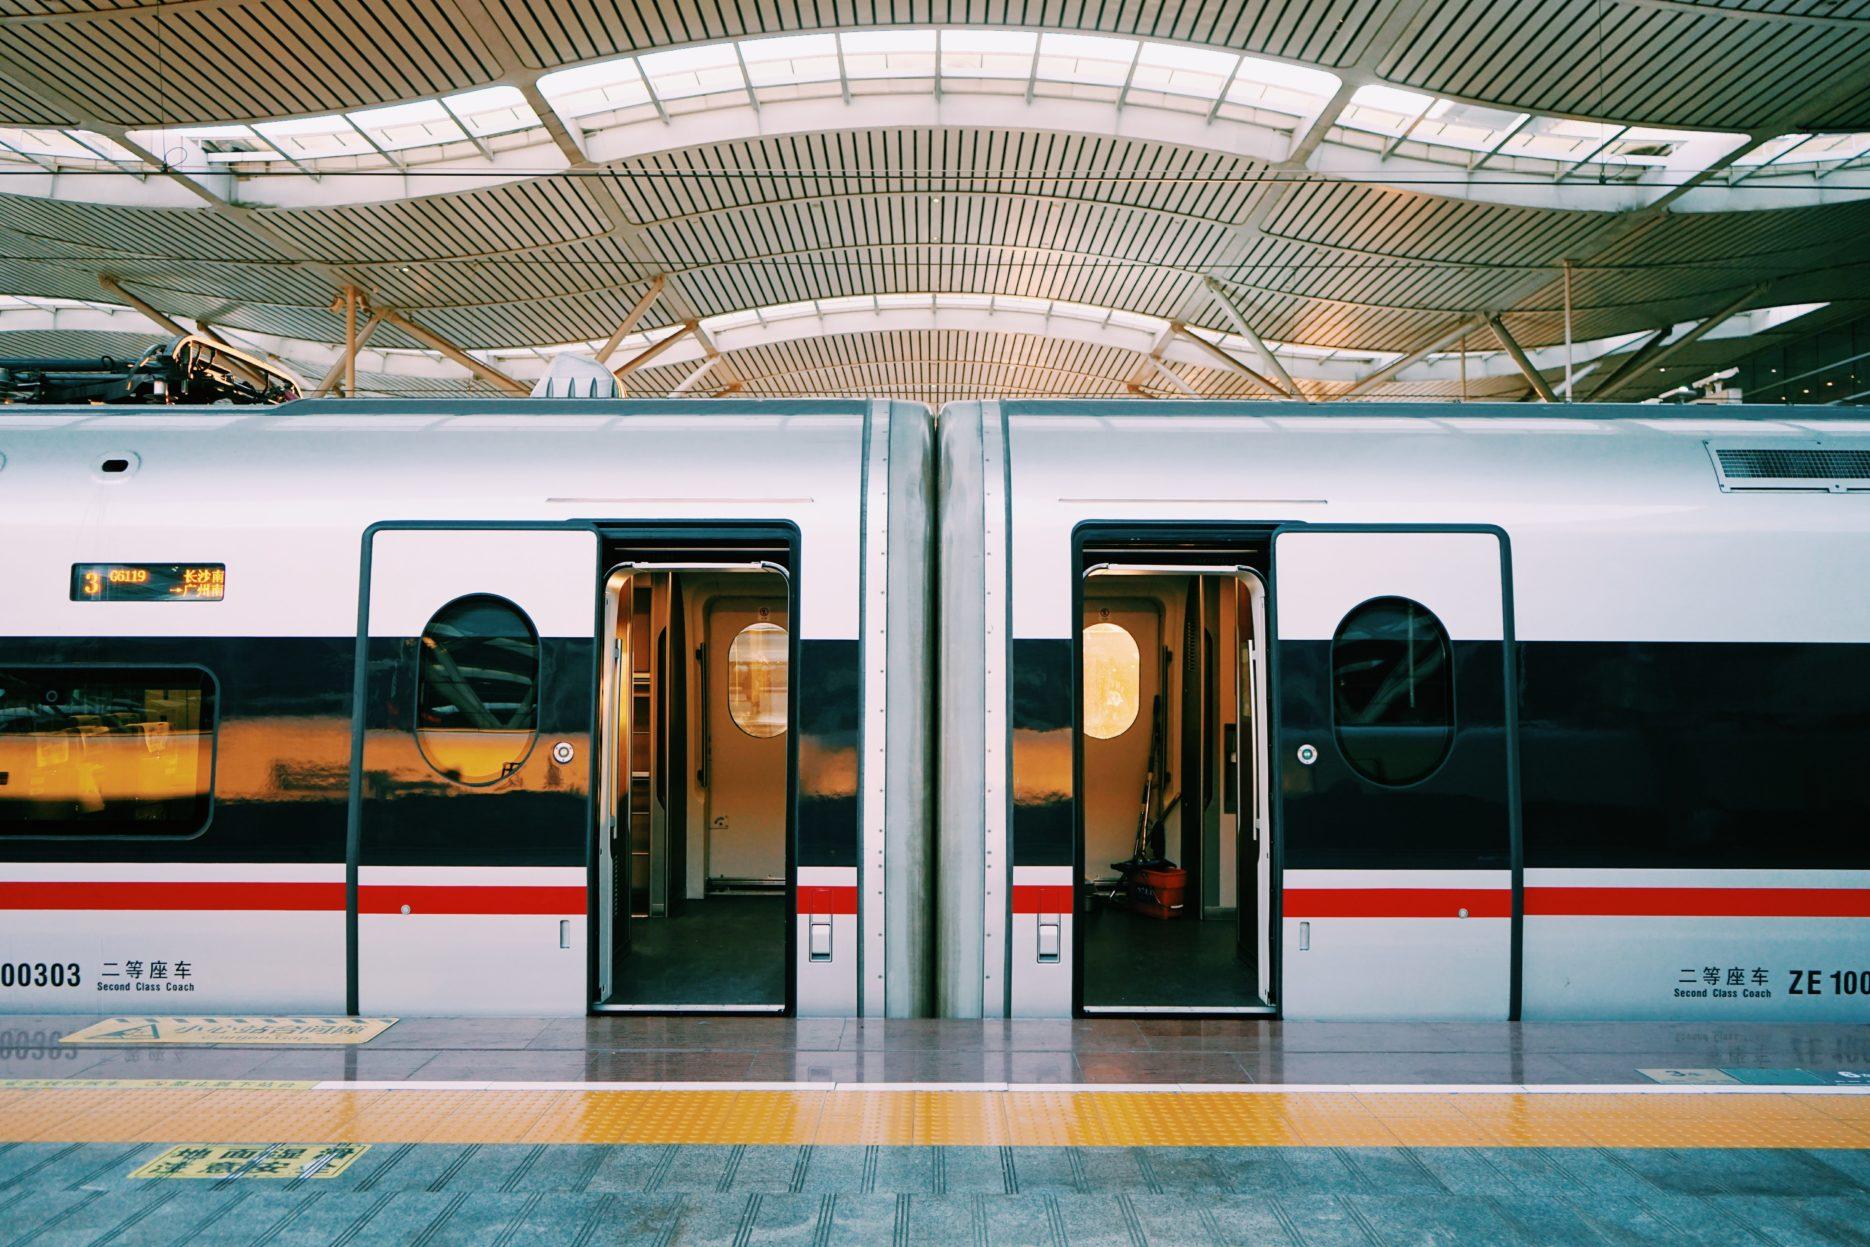 China train travel increasing during National Holiday